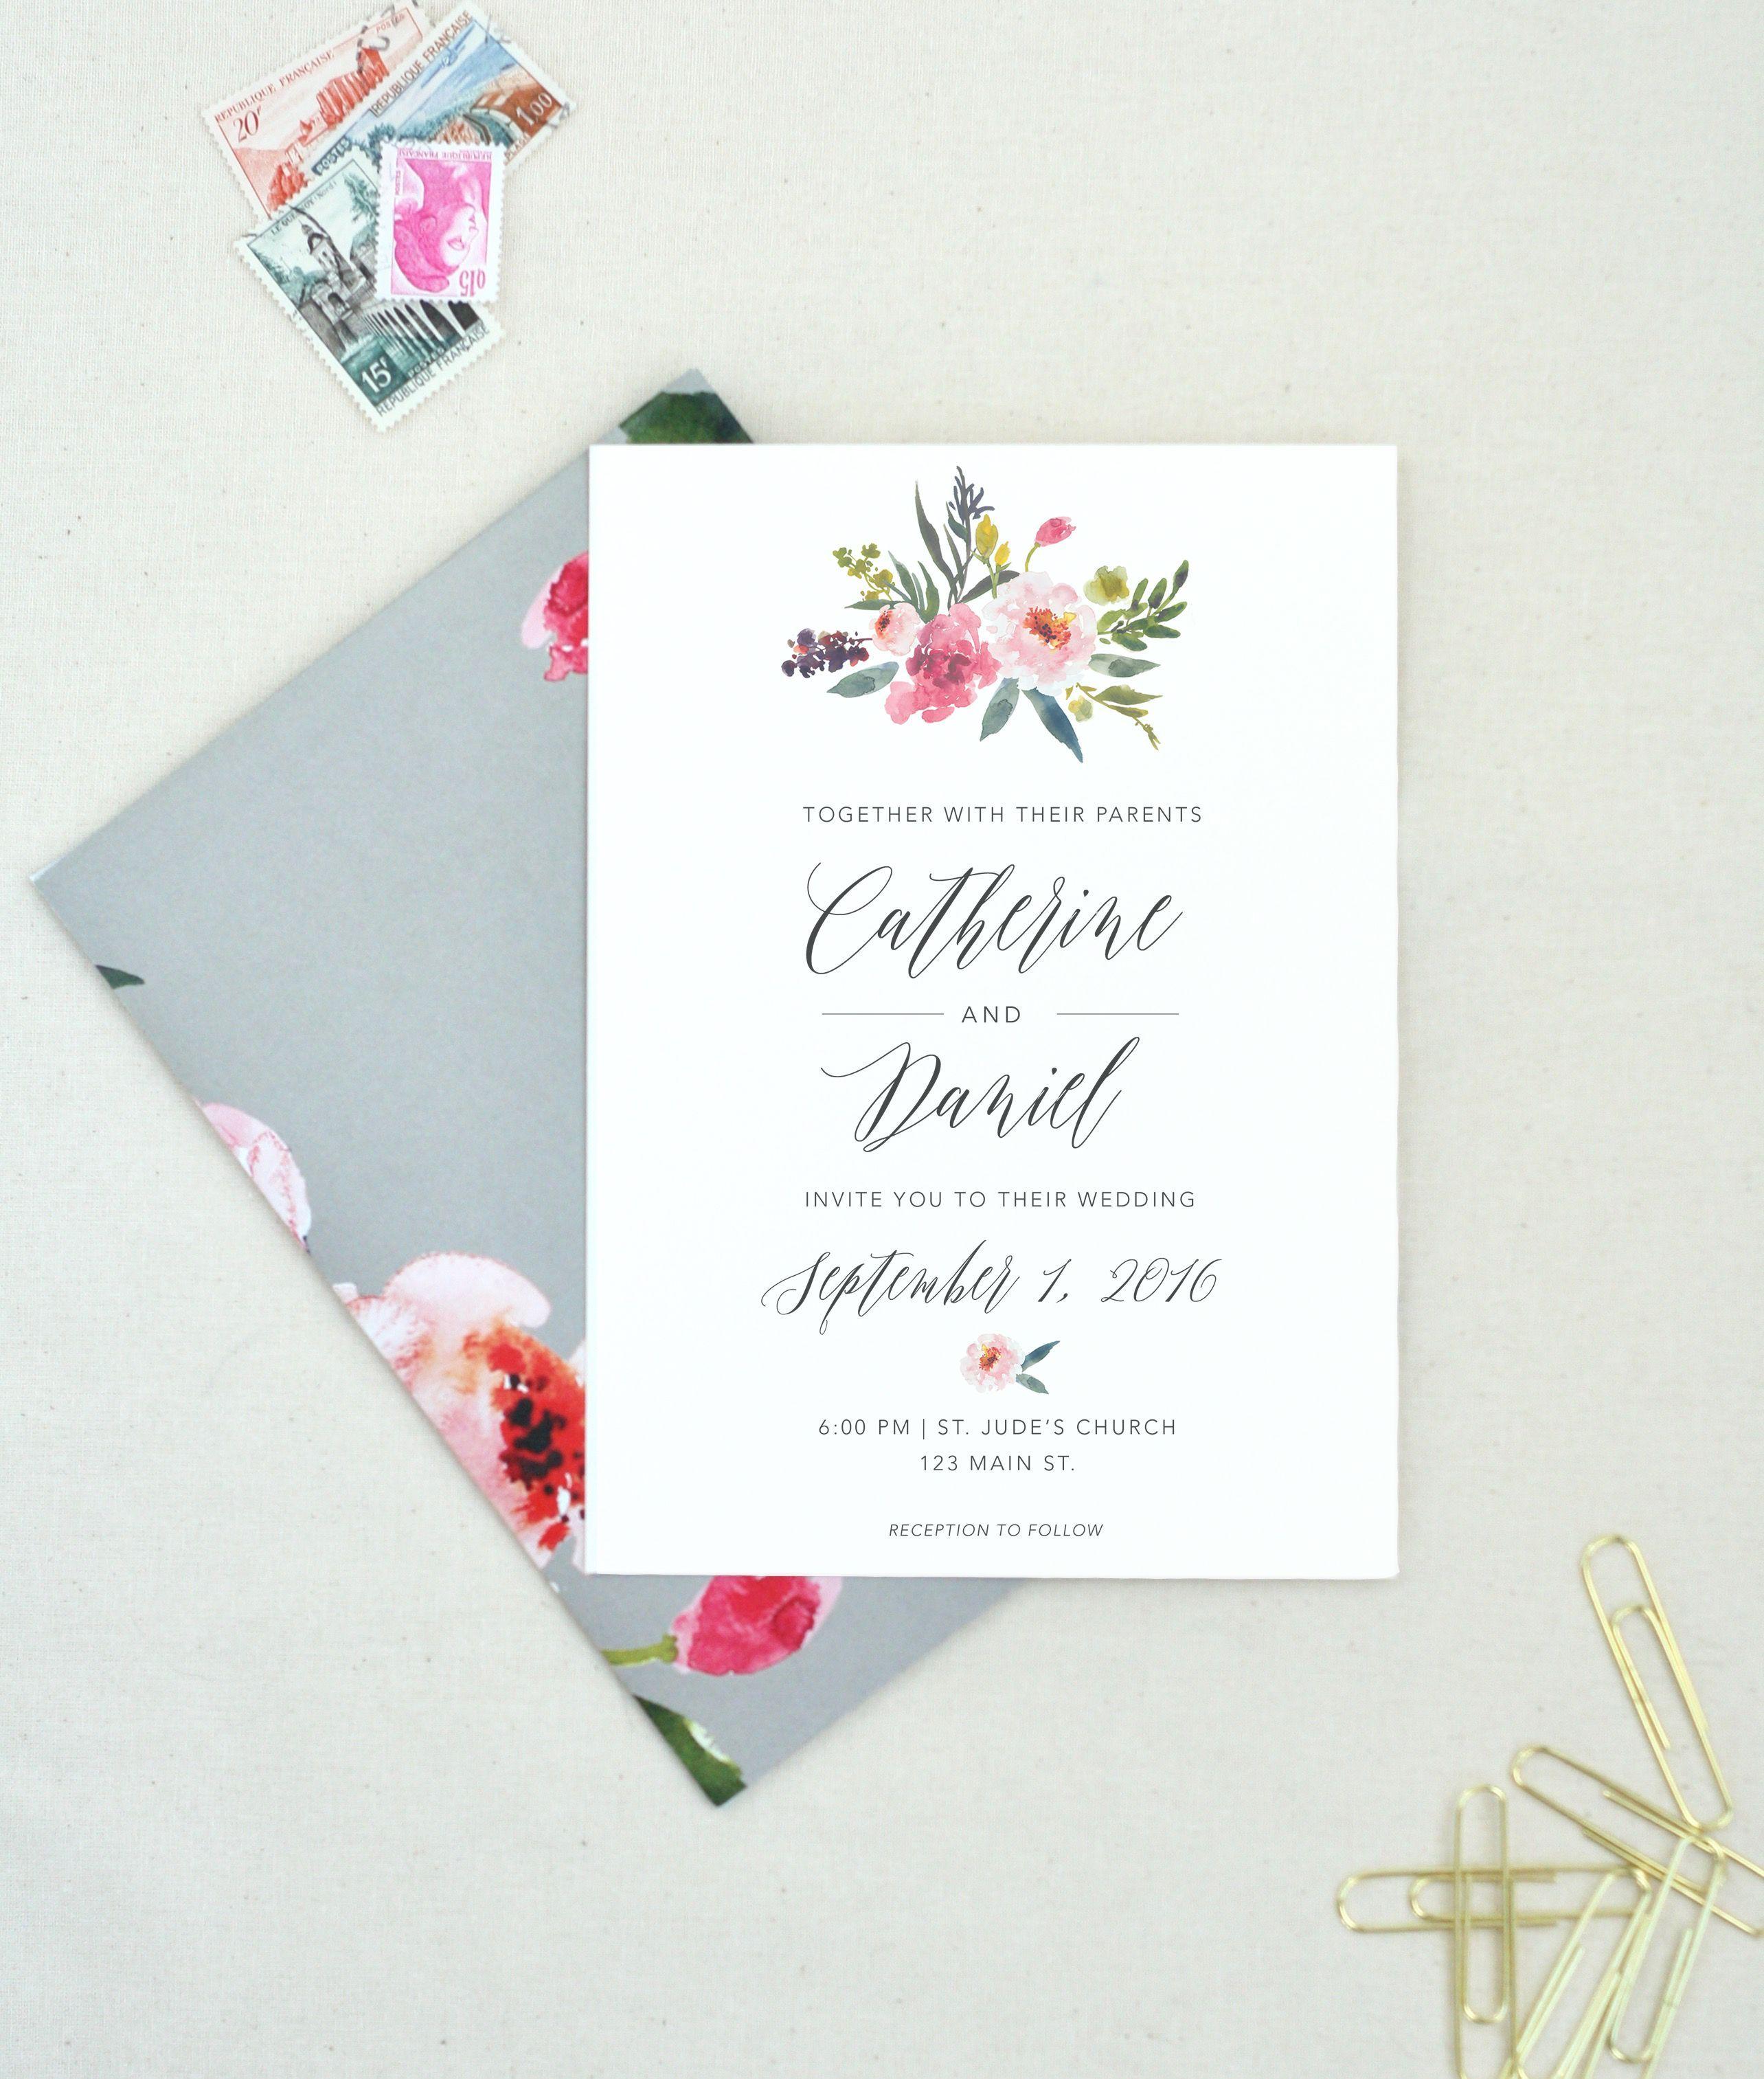 A beautiful custom wedding invitation for a pink wedding